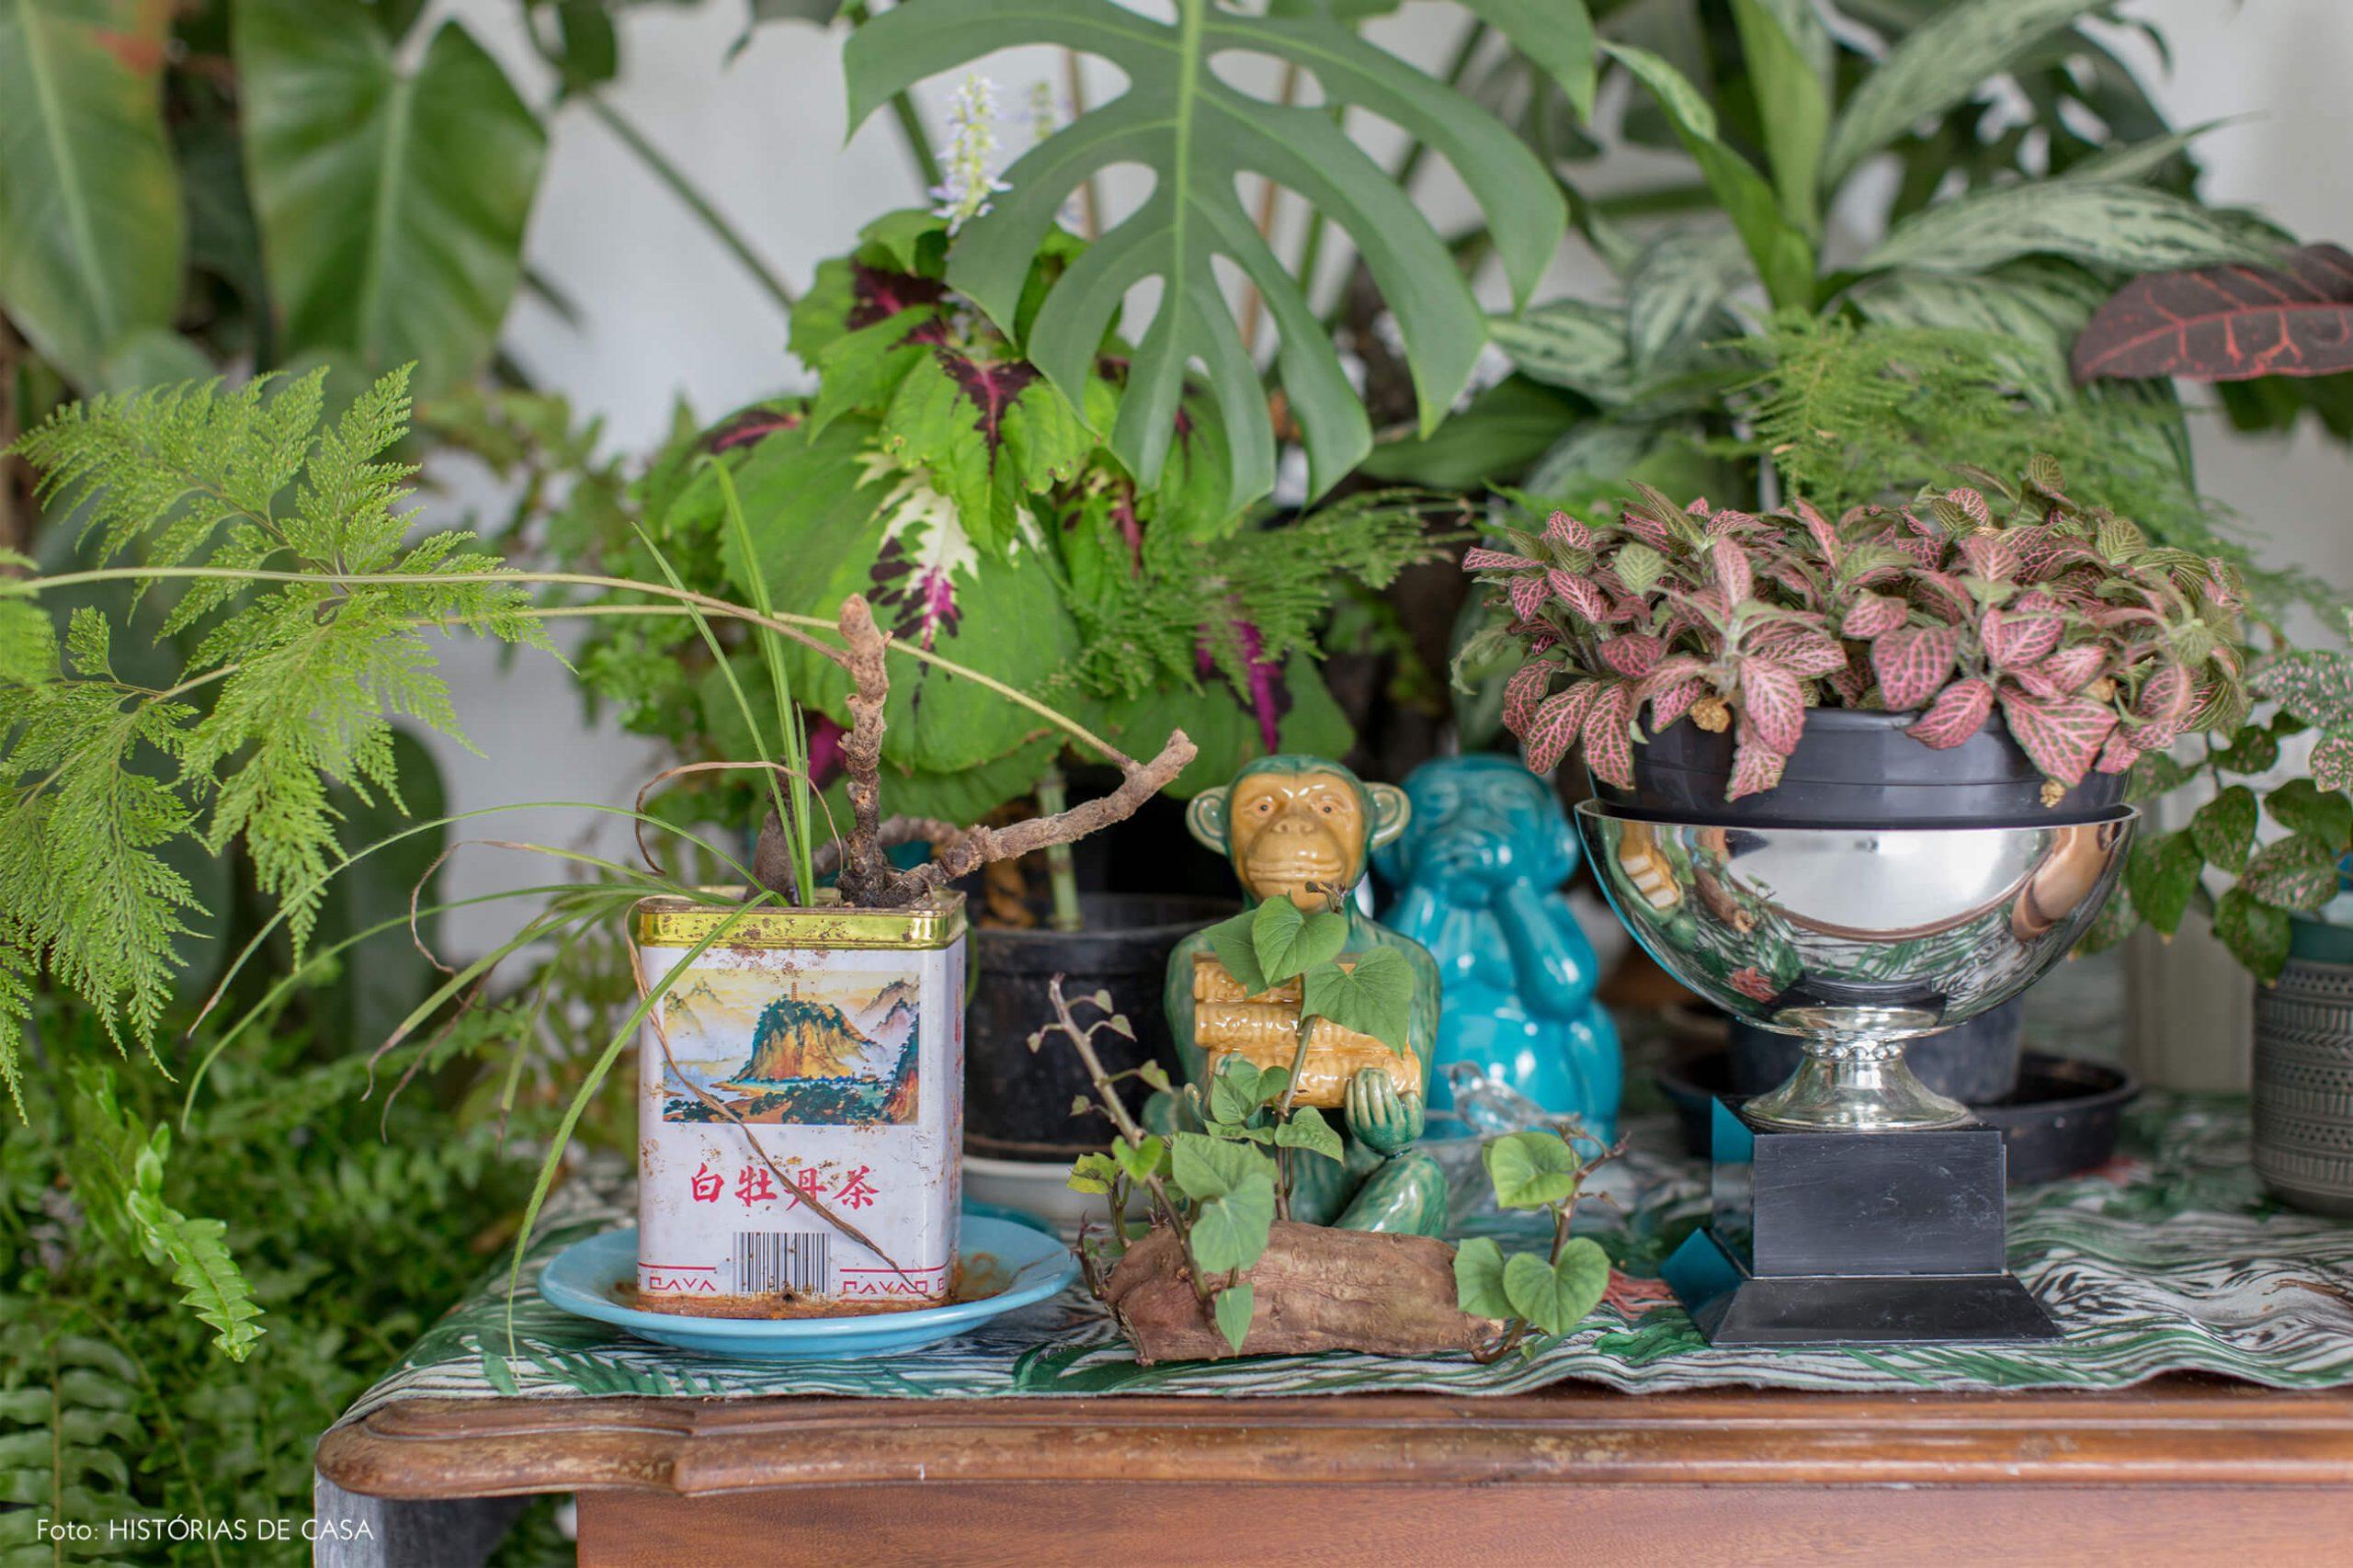 objetos-em-omoda-de-madeira-e-plantas